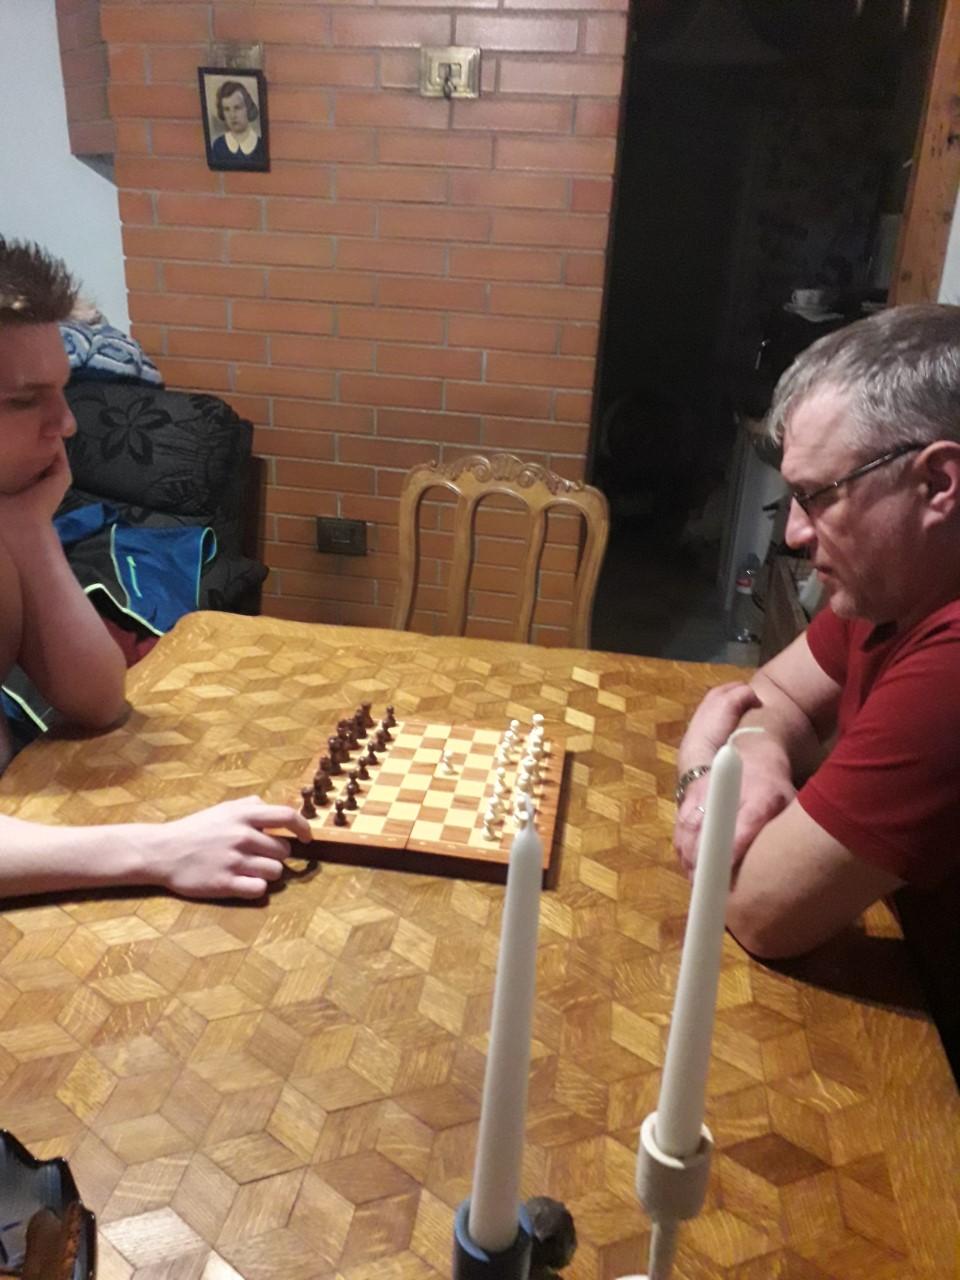 Maletajad Olustverest, isa ja poeg 7. jaanuaril 2021